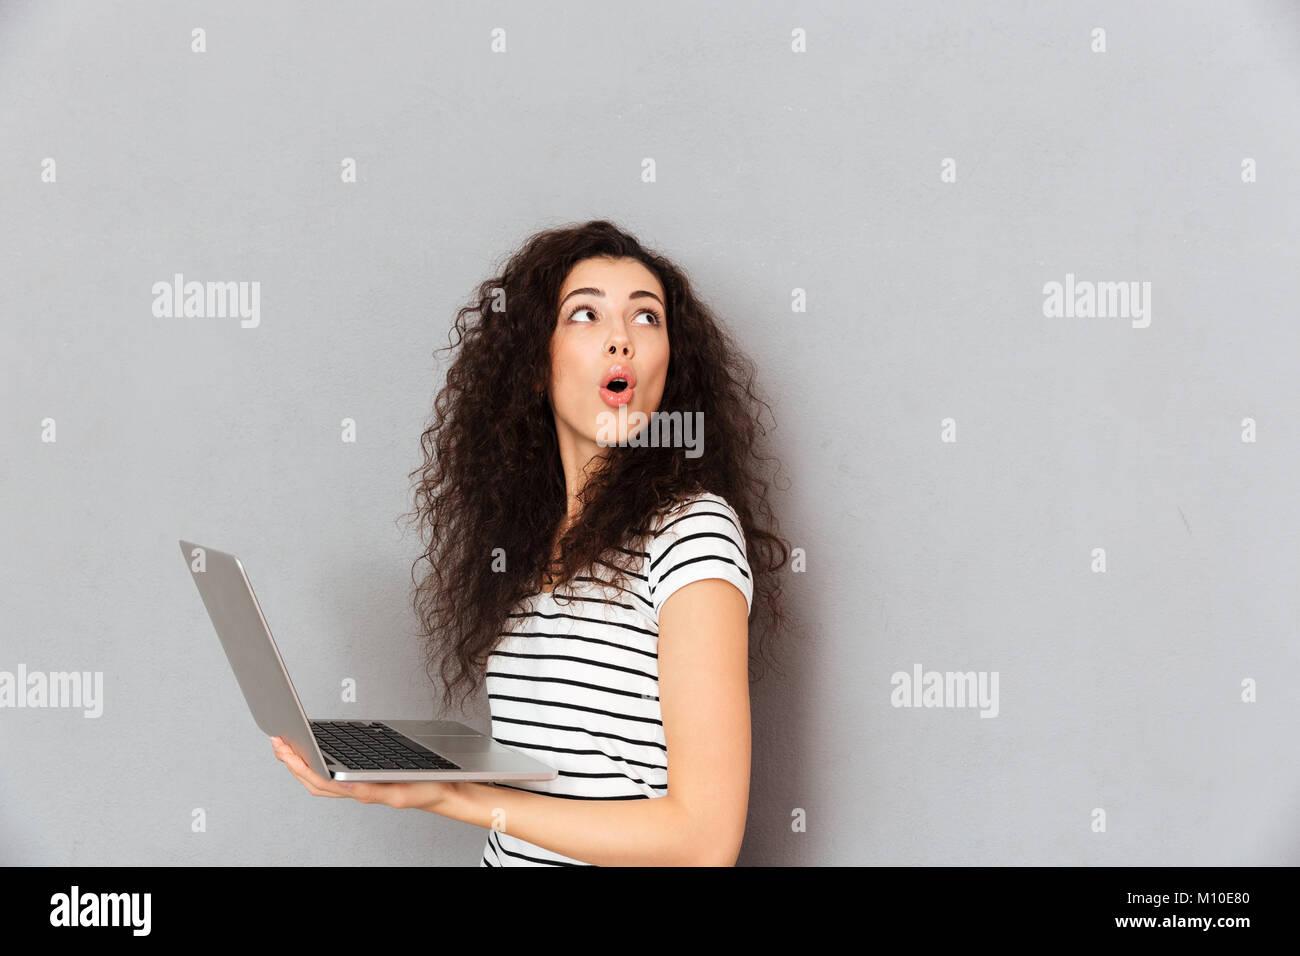 Bella Signora con capelli ricci in posa con argento portatile essendo isolate su uno sfondo grigio girando intorno Immagini Stock